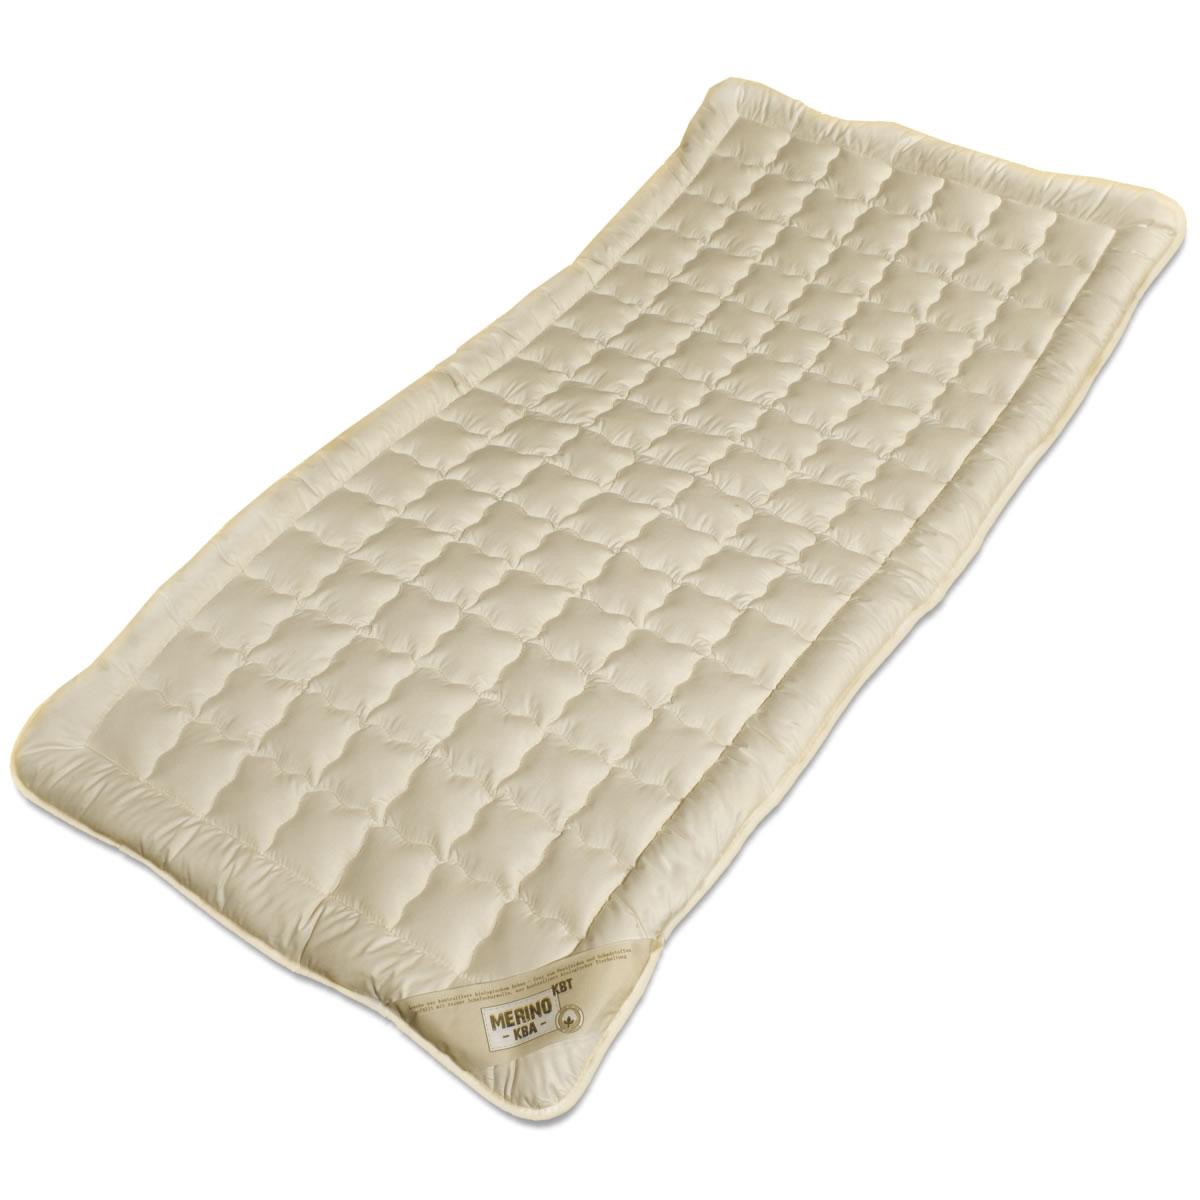 unterbett kbt merino schafschurwoll auflage mit kba baumwoll bezug. Black Bedroom Furniture Sets. Home Design Ideas